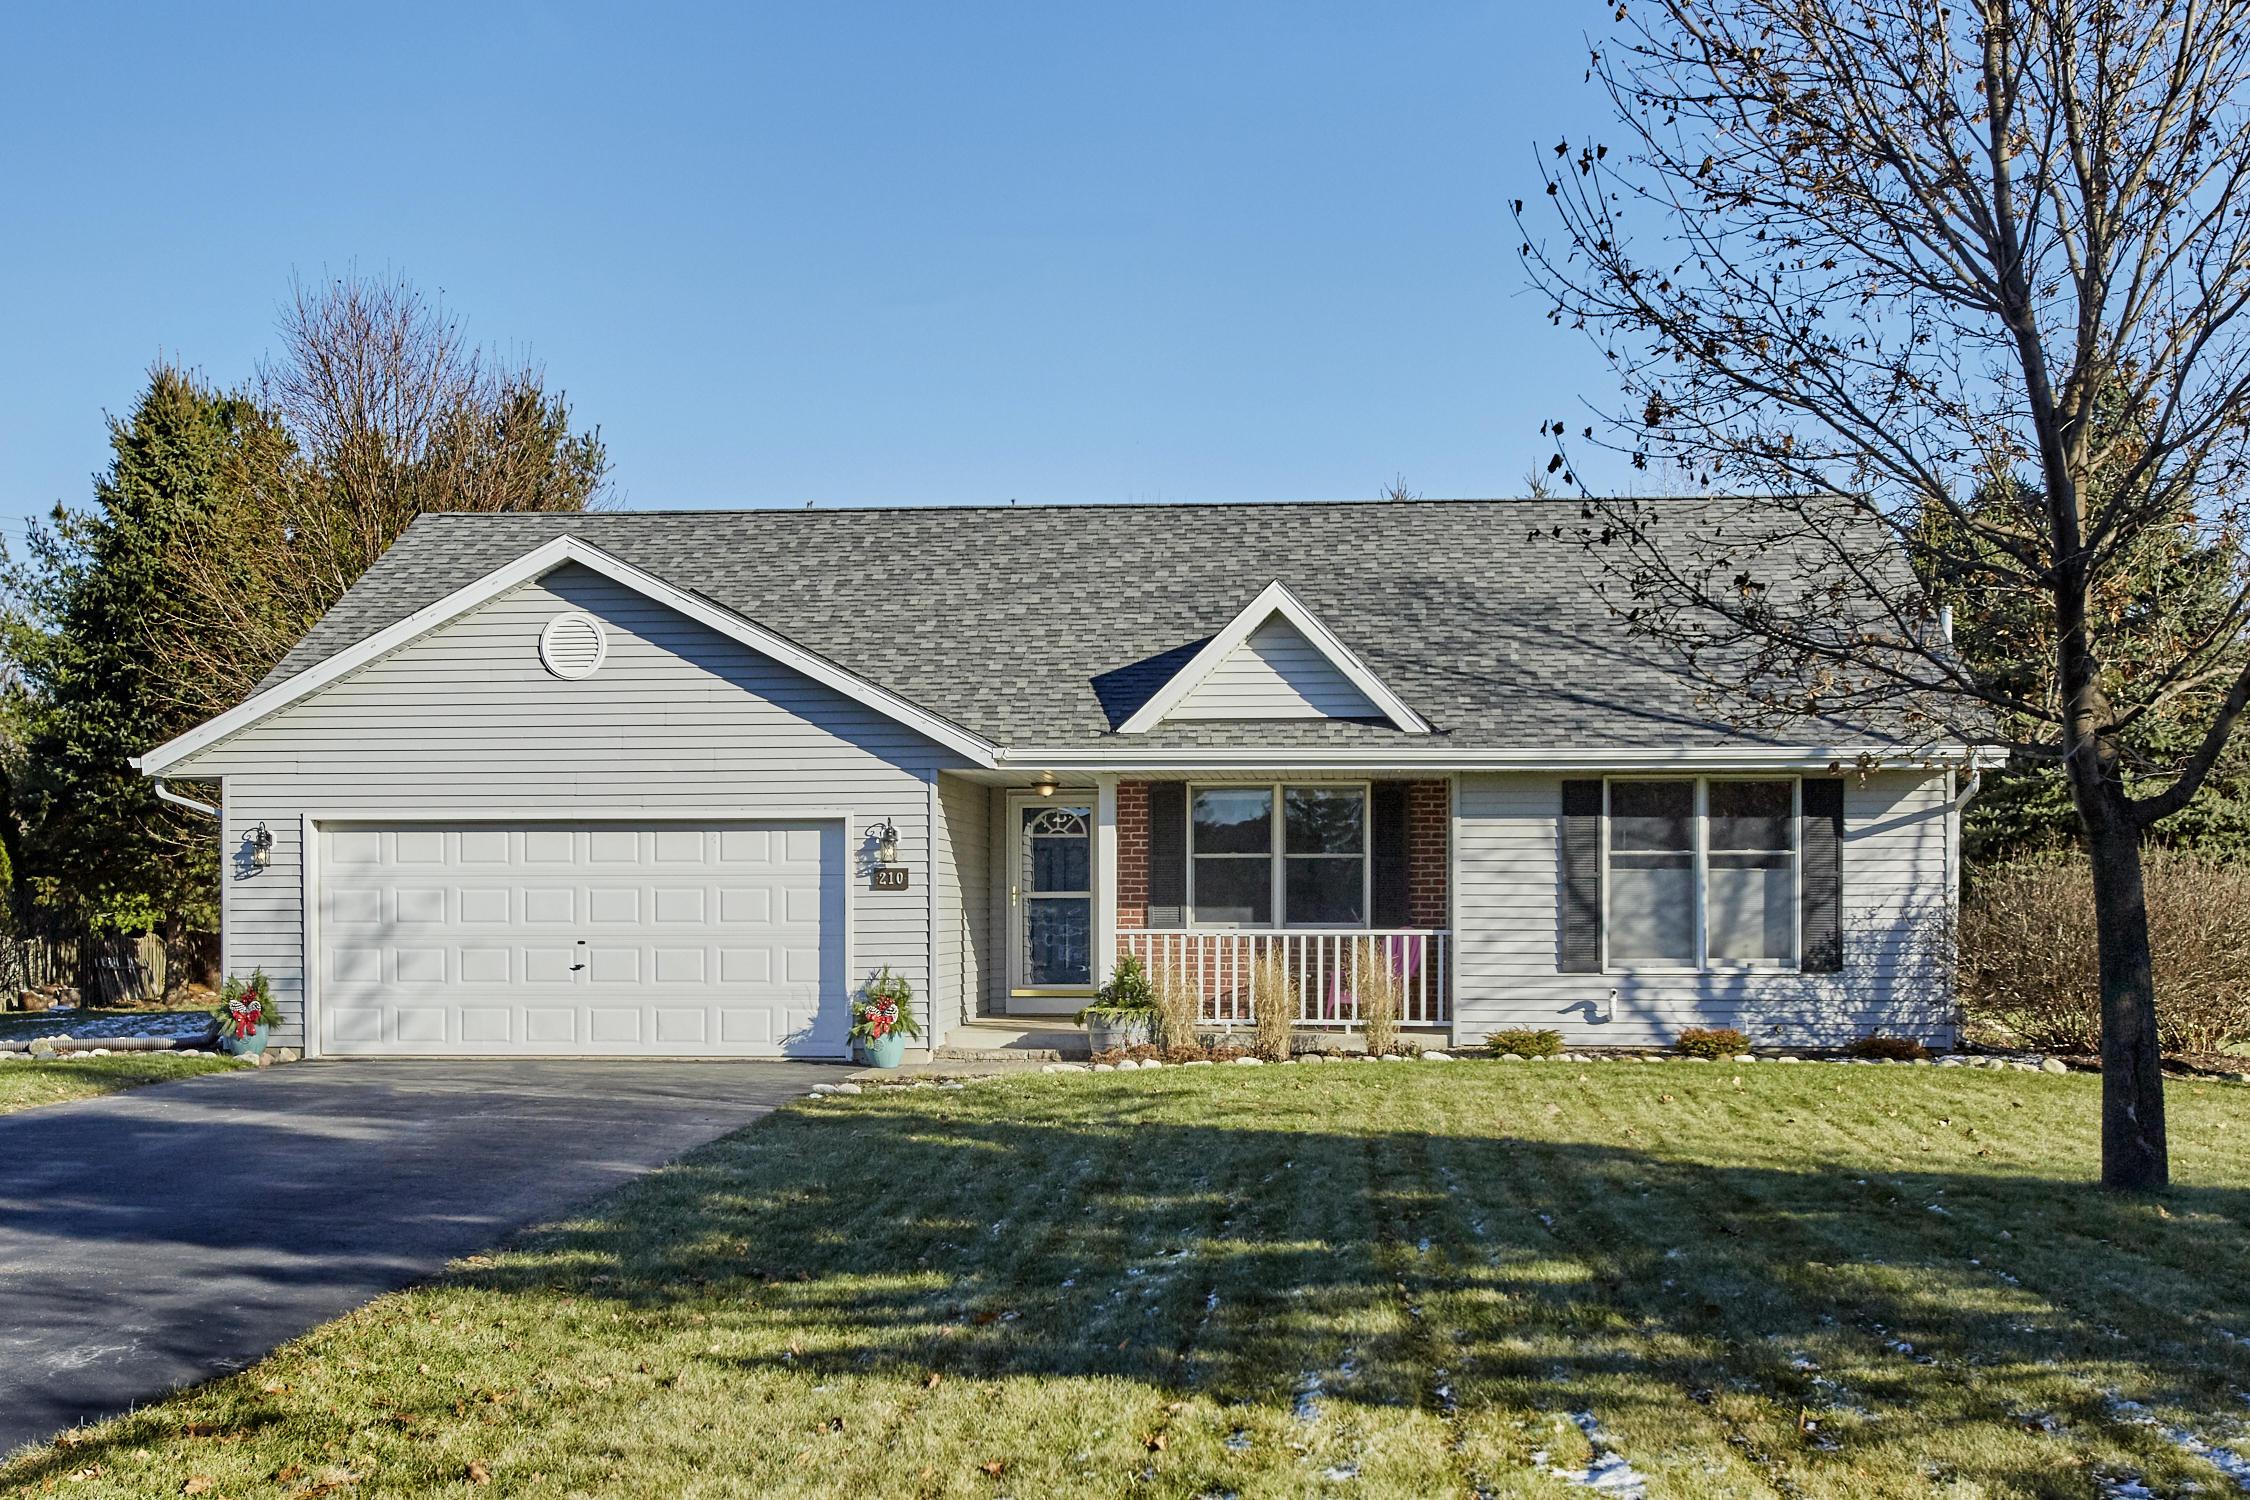 210 Granary Cir, Hartland, Wisconsin 53029, 4 Bedrooms Bedrooms, 8 Rooms Rooms,3 BathroomsBathrooms,Single-Family,For Sale,Granary Cir,1615045